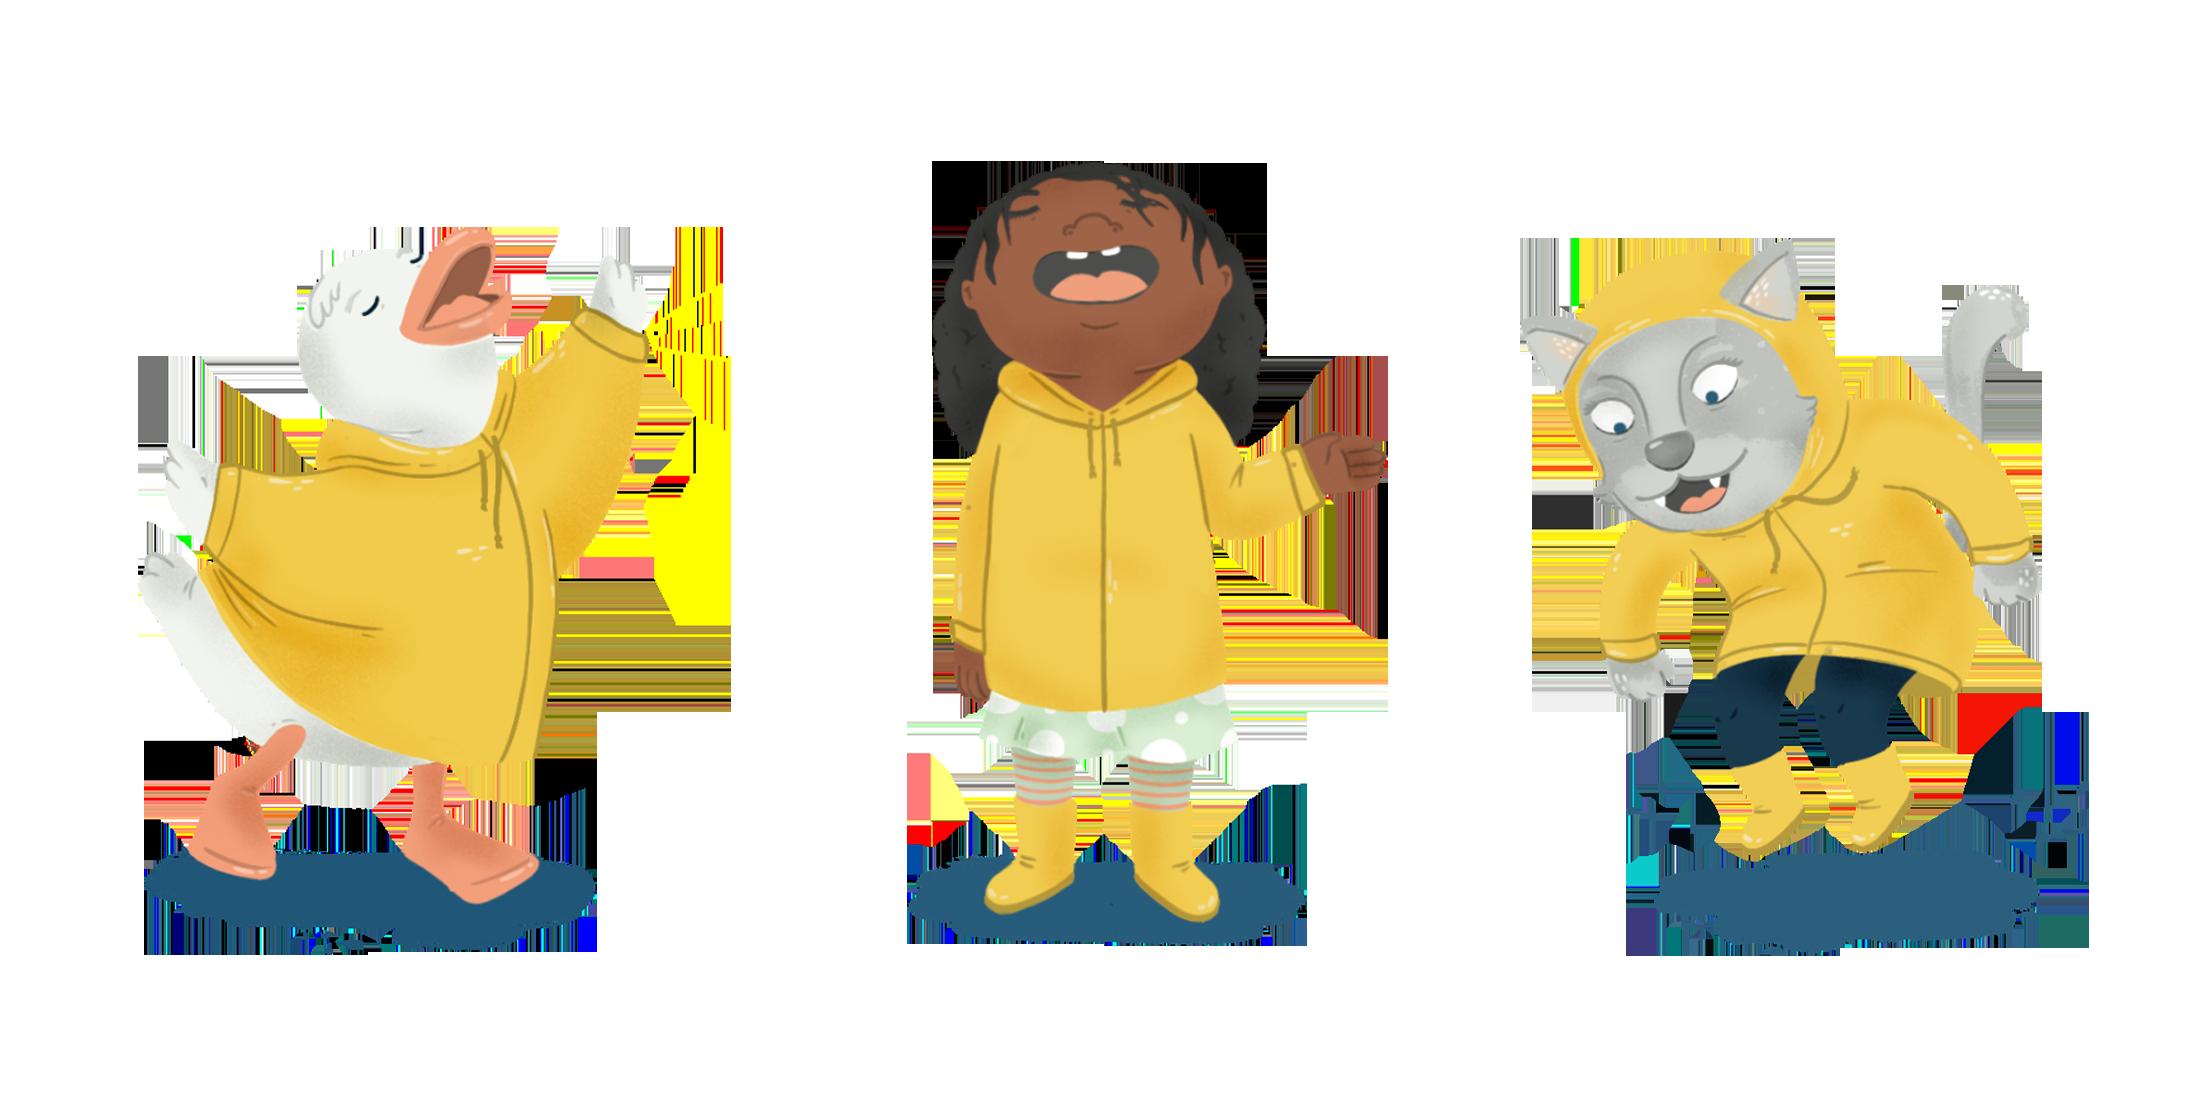 Rain-characters